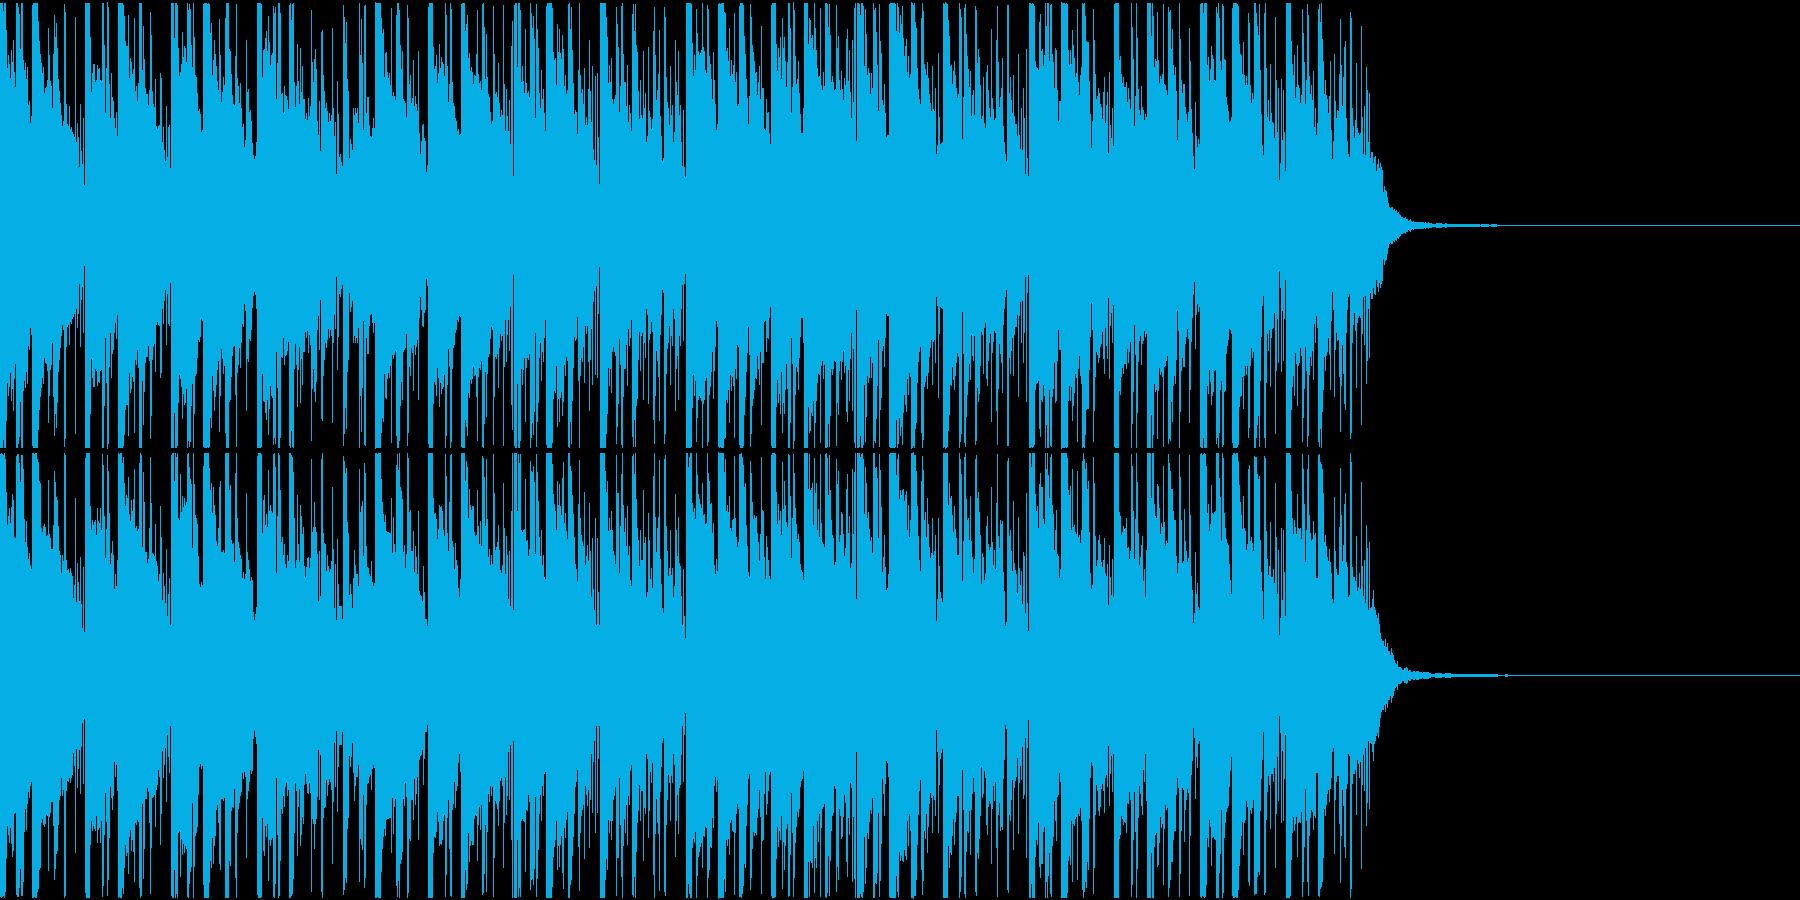 シンセベルが哀愁を感じさせる曲の再生済みの波形